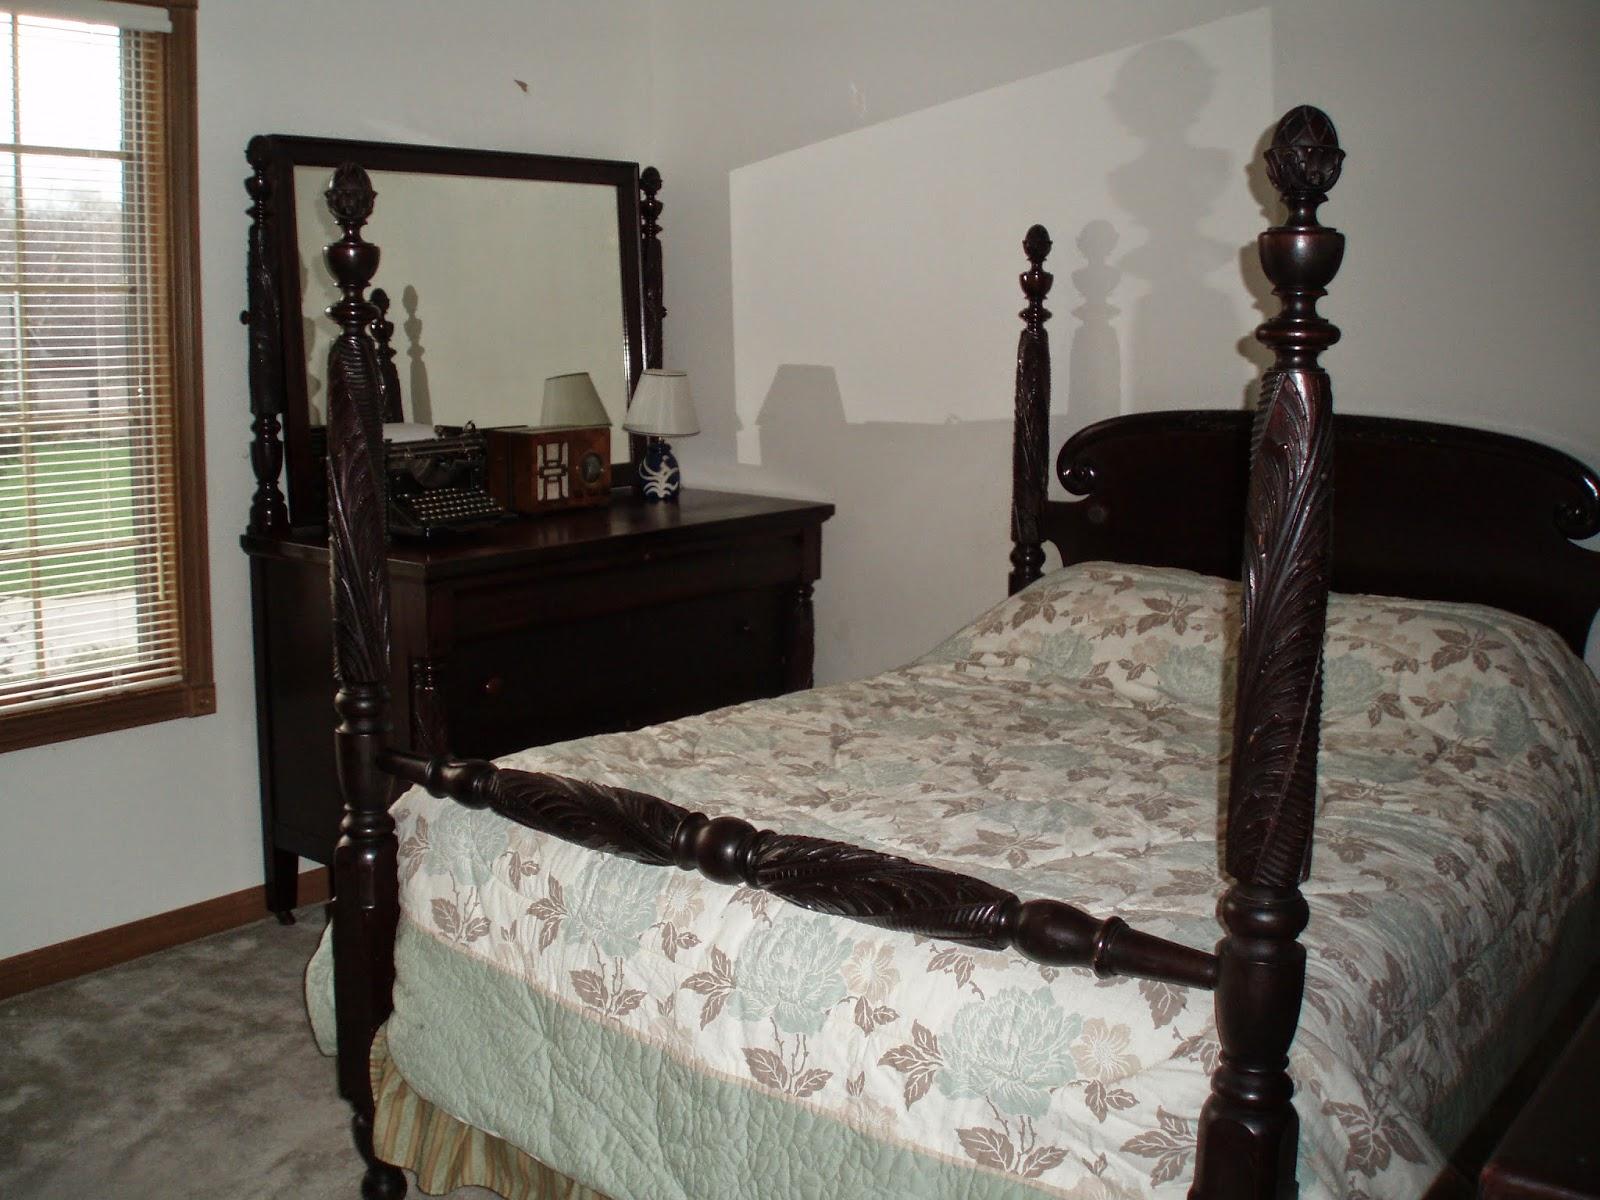 Original Full Size Antique Bed